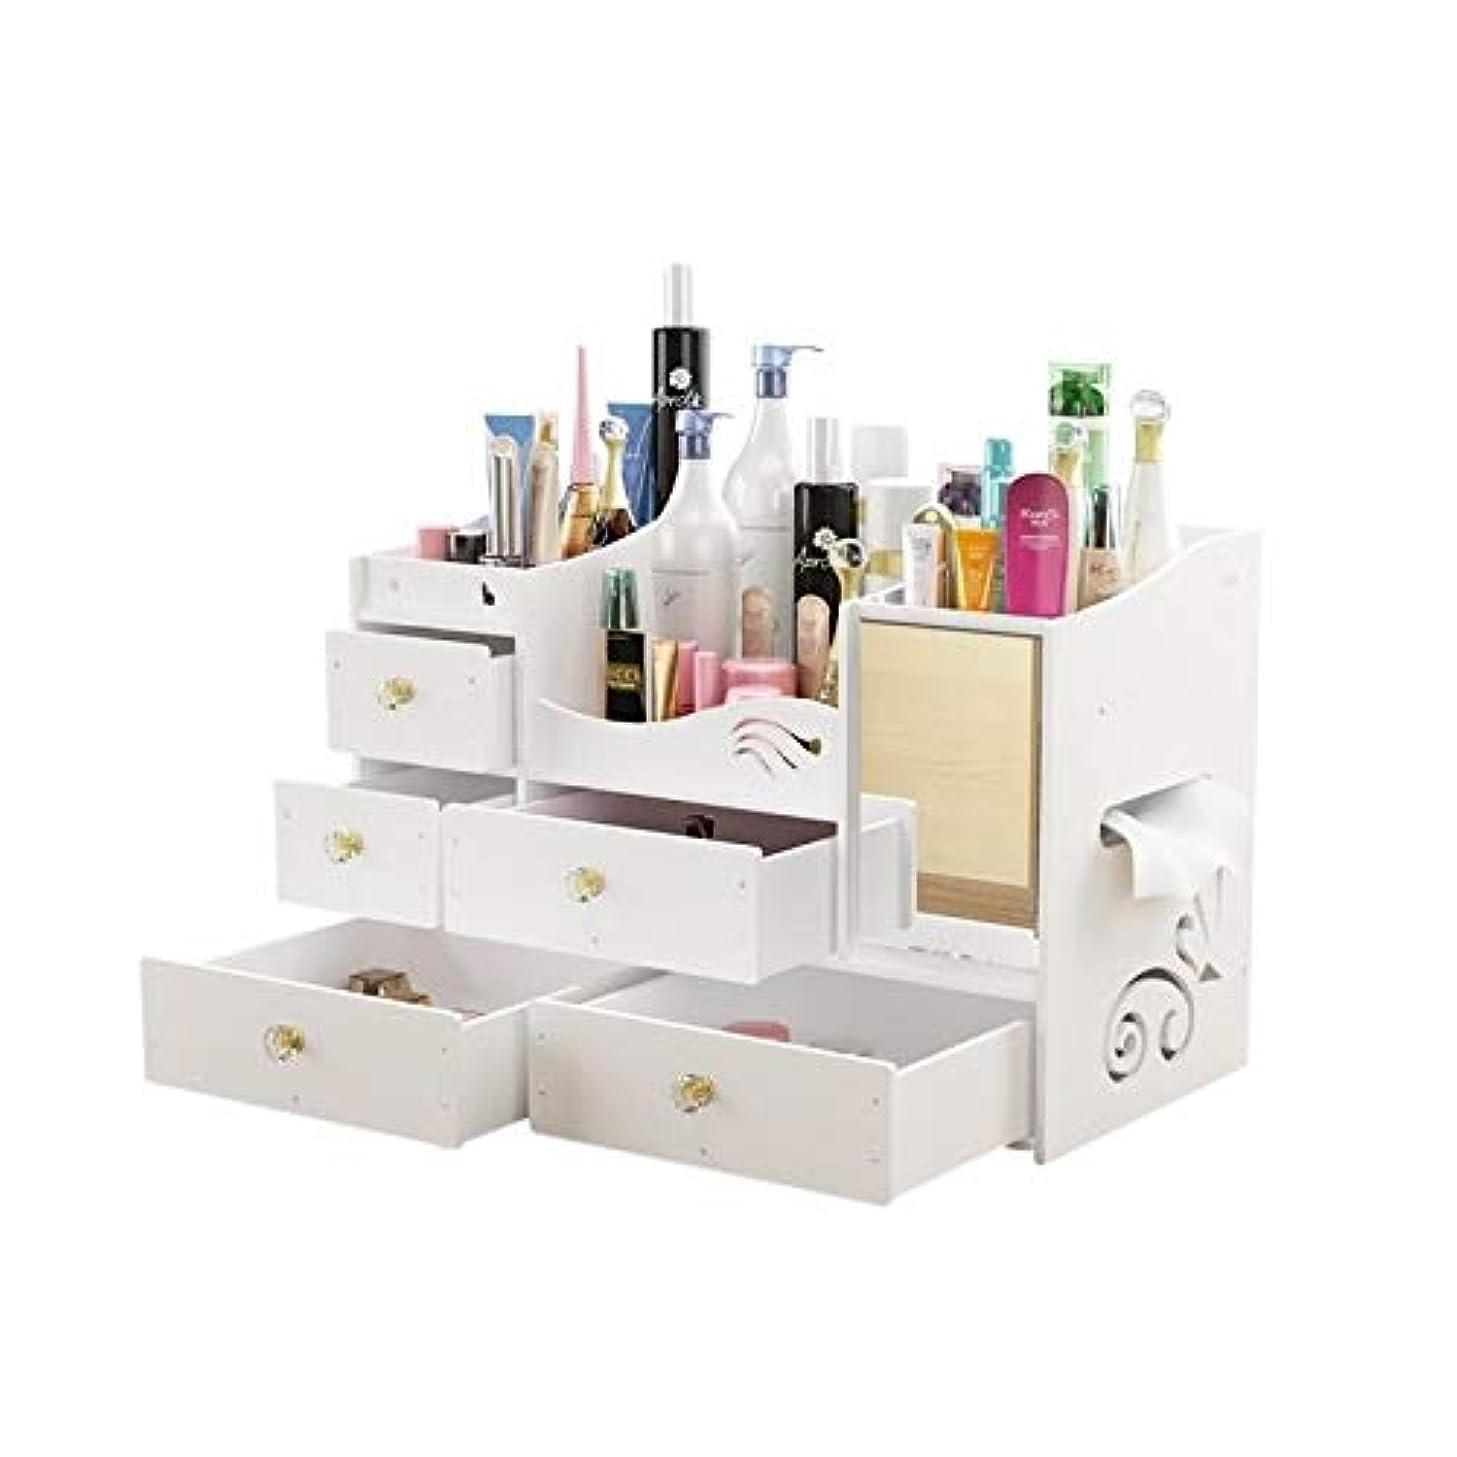 すすり泣き文芸ストッキングSTORAGE BOX PINGFUFF 化粧品収納ボックス、デスクトップ木製収納ボックス、ミラー付きDIY化粧品ケースミラー付きスキンケアラック